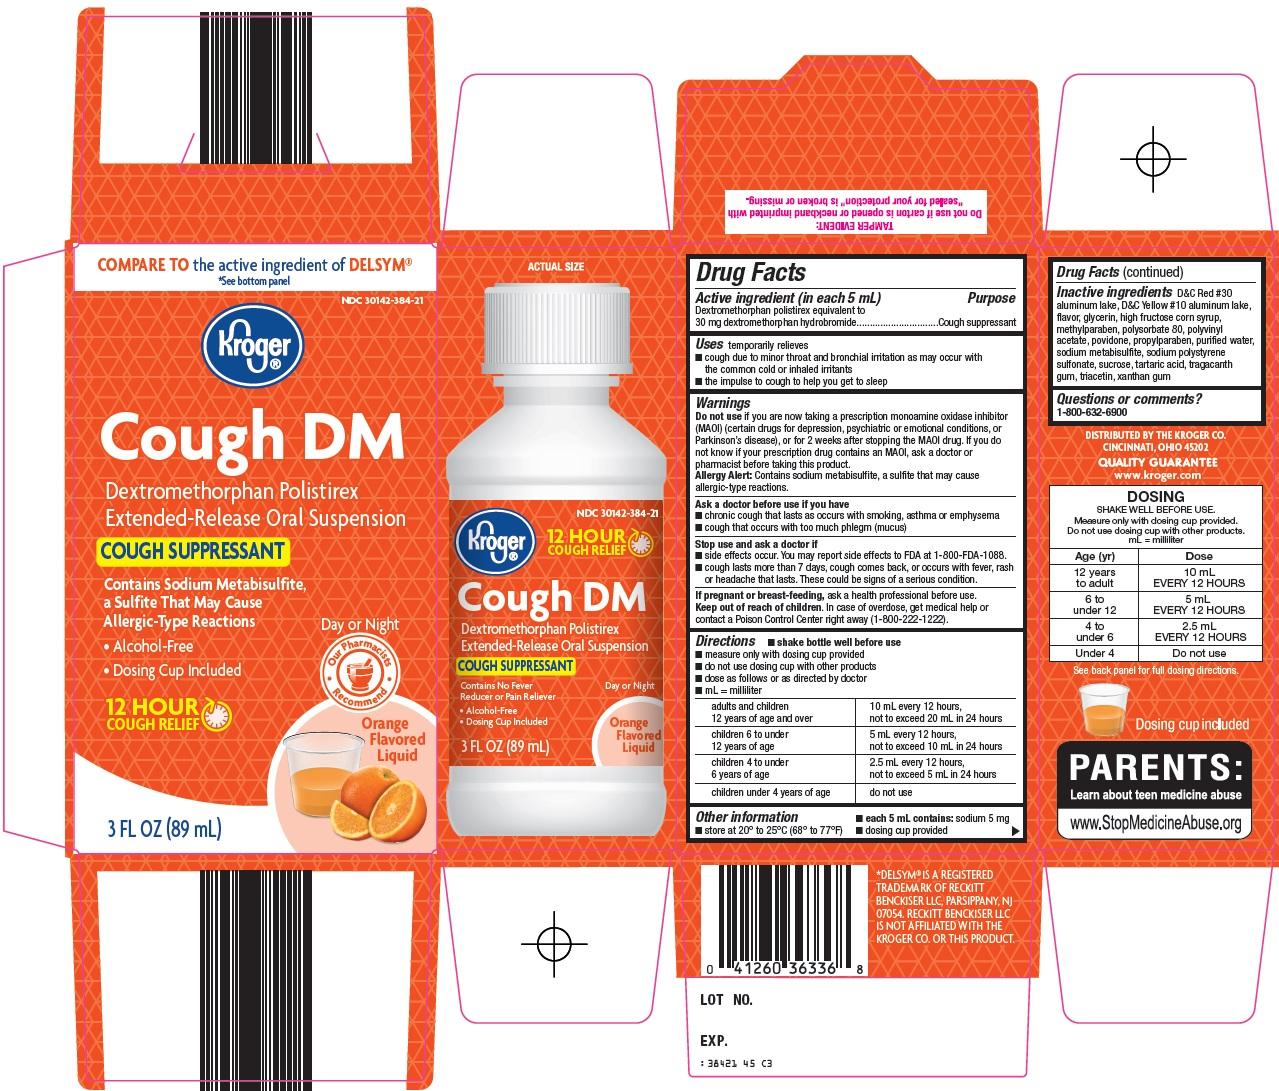 Cough DM Carton